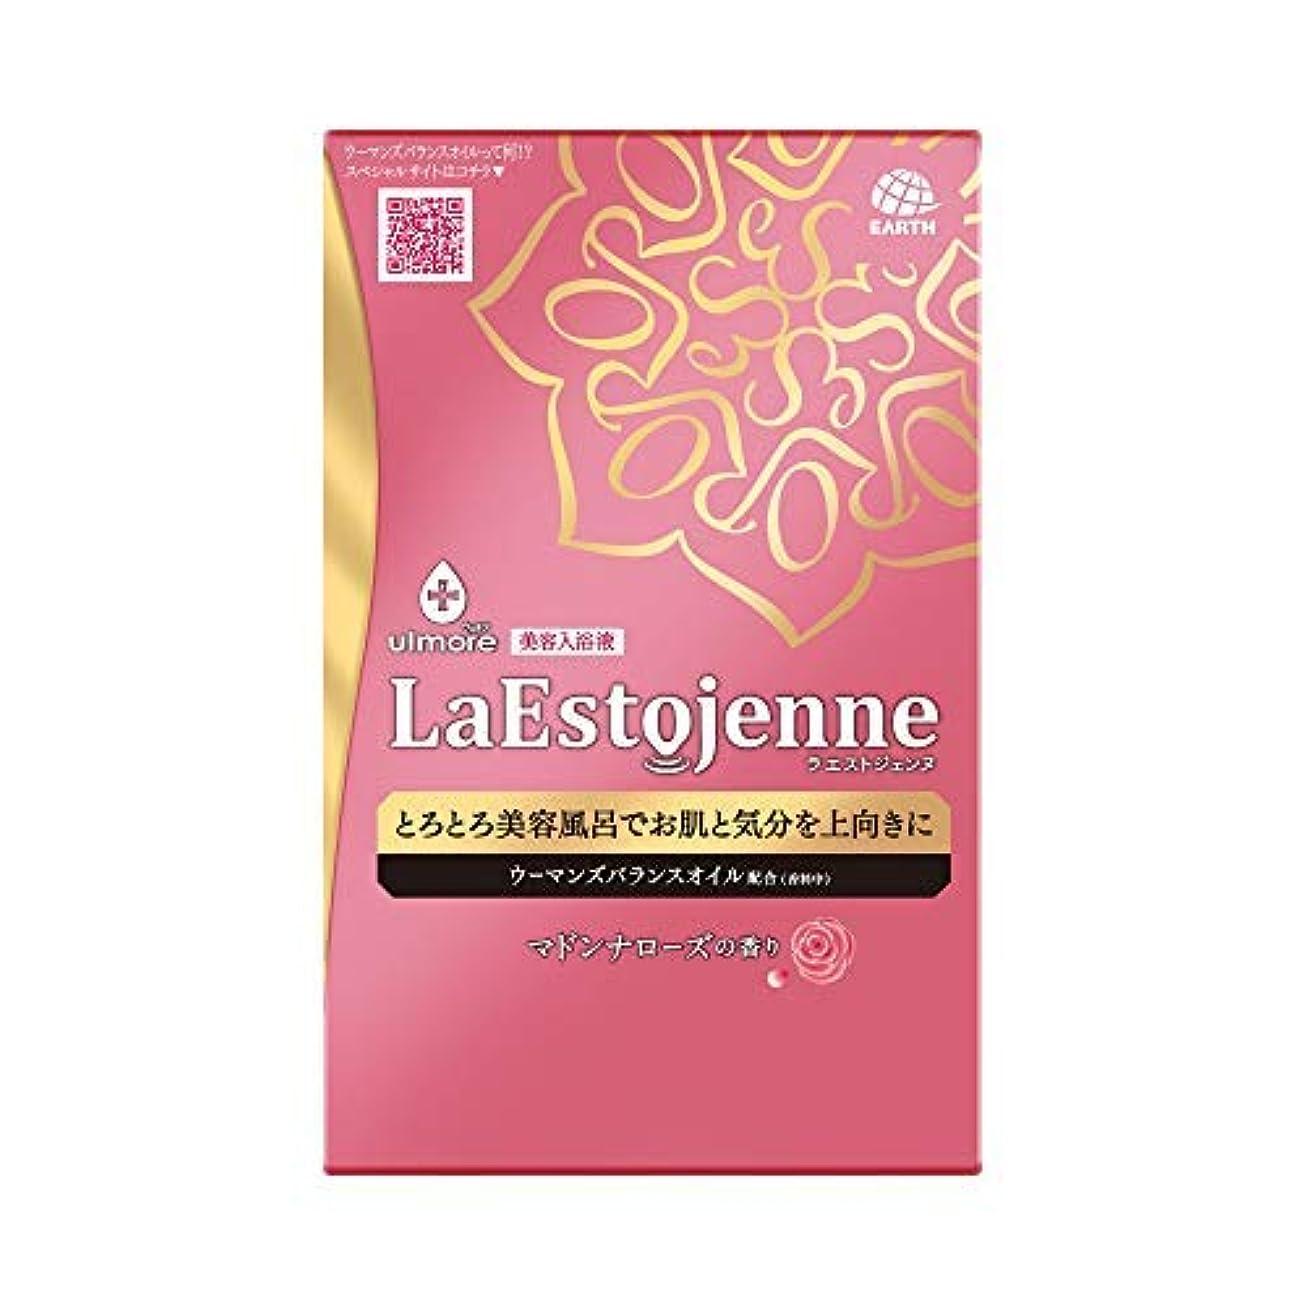 ドキュメンタリー経由で規模ウルモア ラエストジェンヌ マドンナローズの香り 3包入り × 3個セット